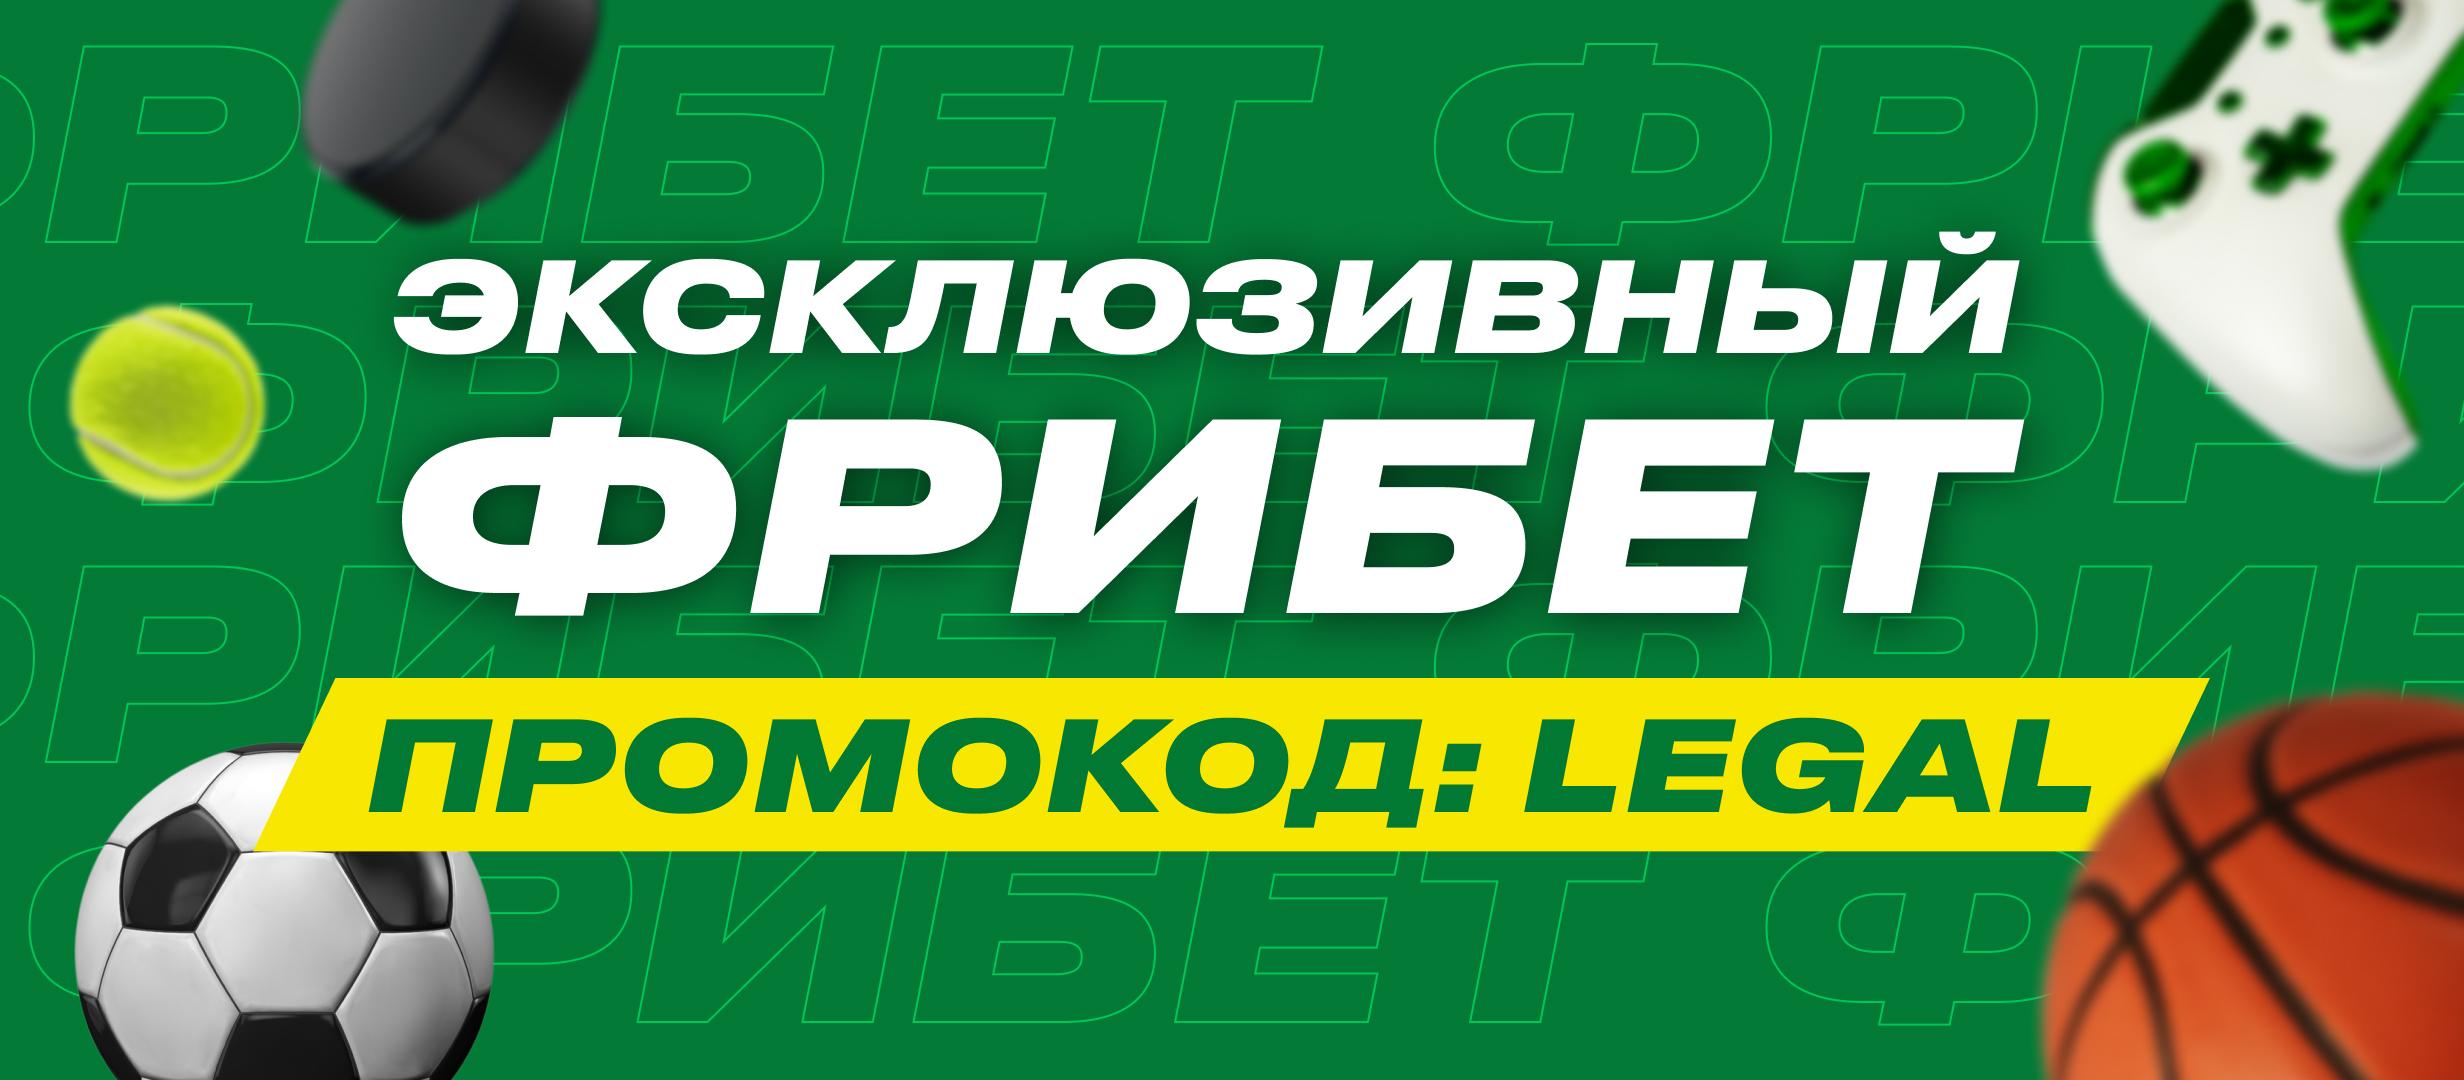 Фрибет от Лига Ставок 3000 ₽.